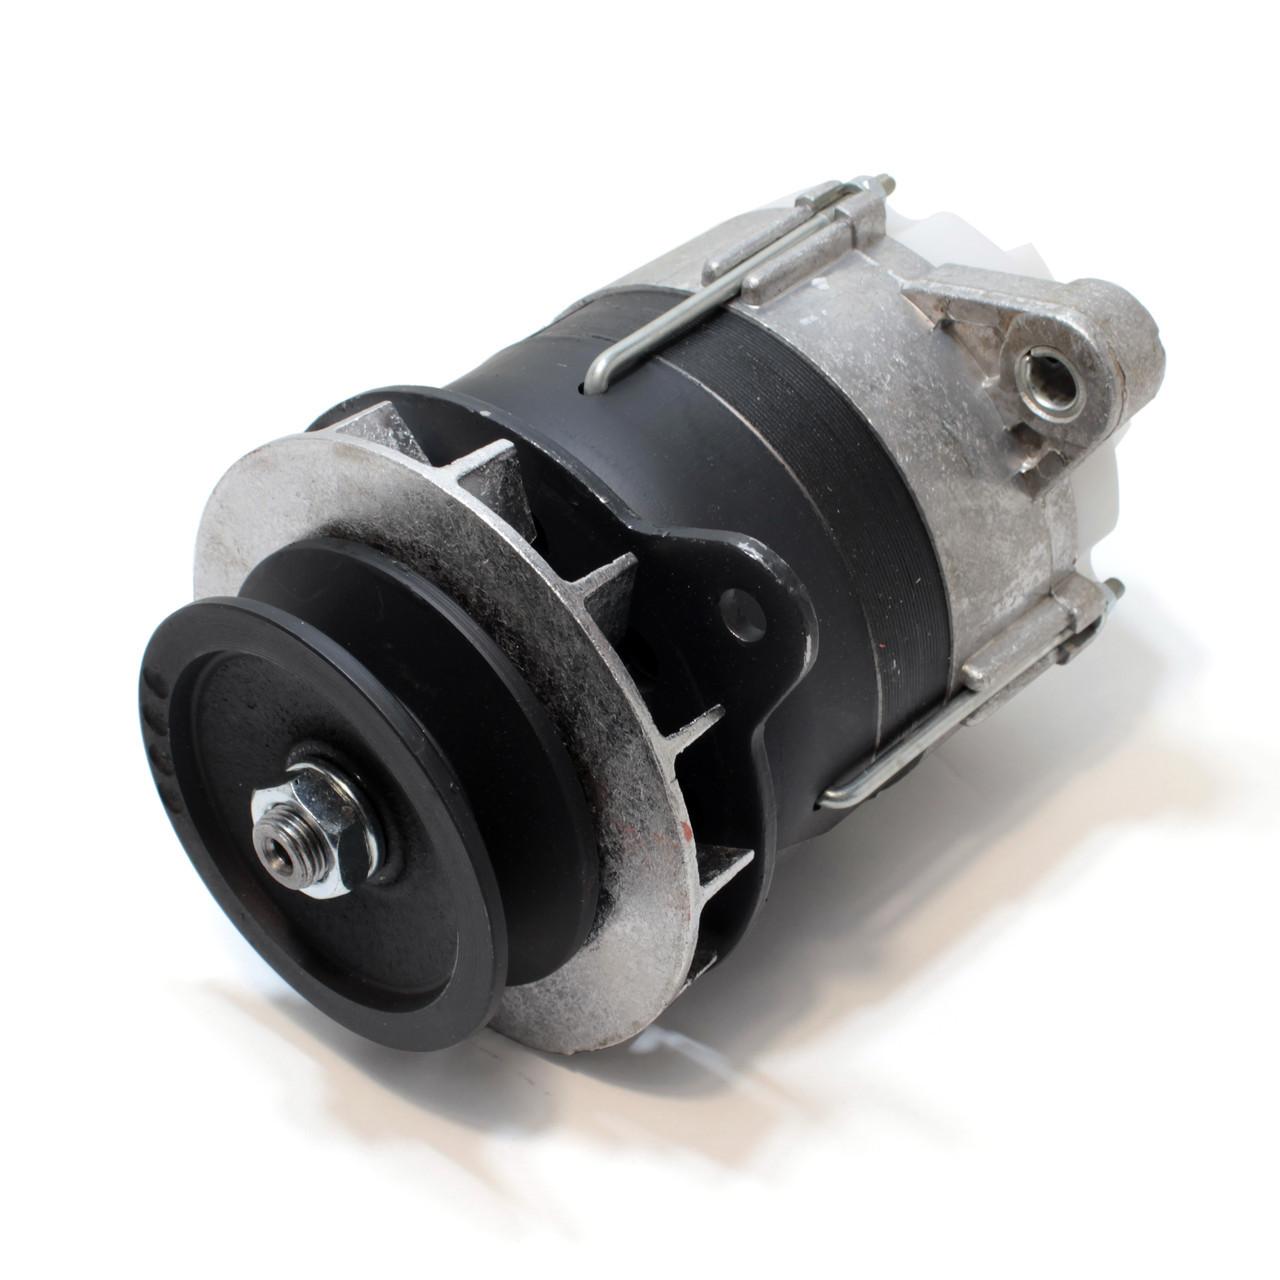 Генератор 28В МТЗ  двигатель Д-245, 260 100А 1500ВТ (пр-во Радиоволна)  Г9821.3701